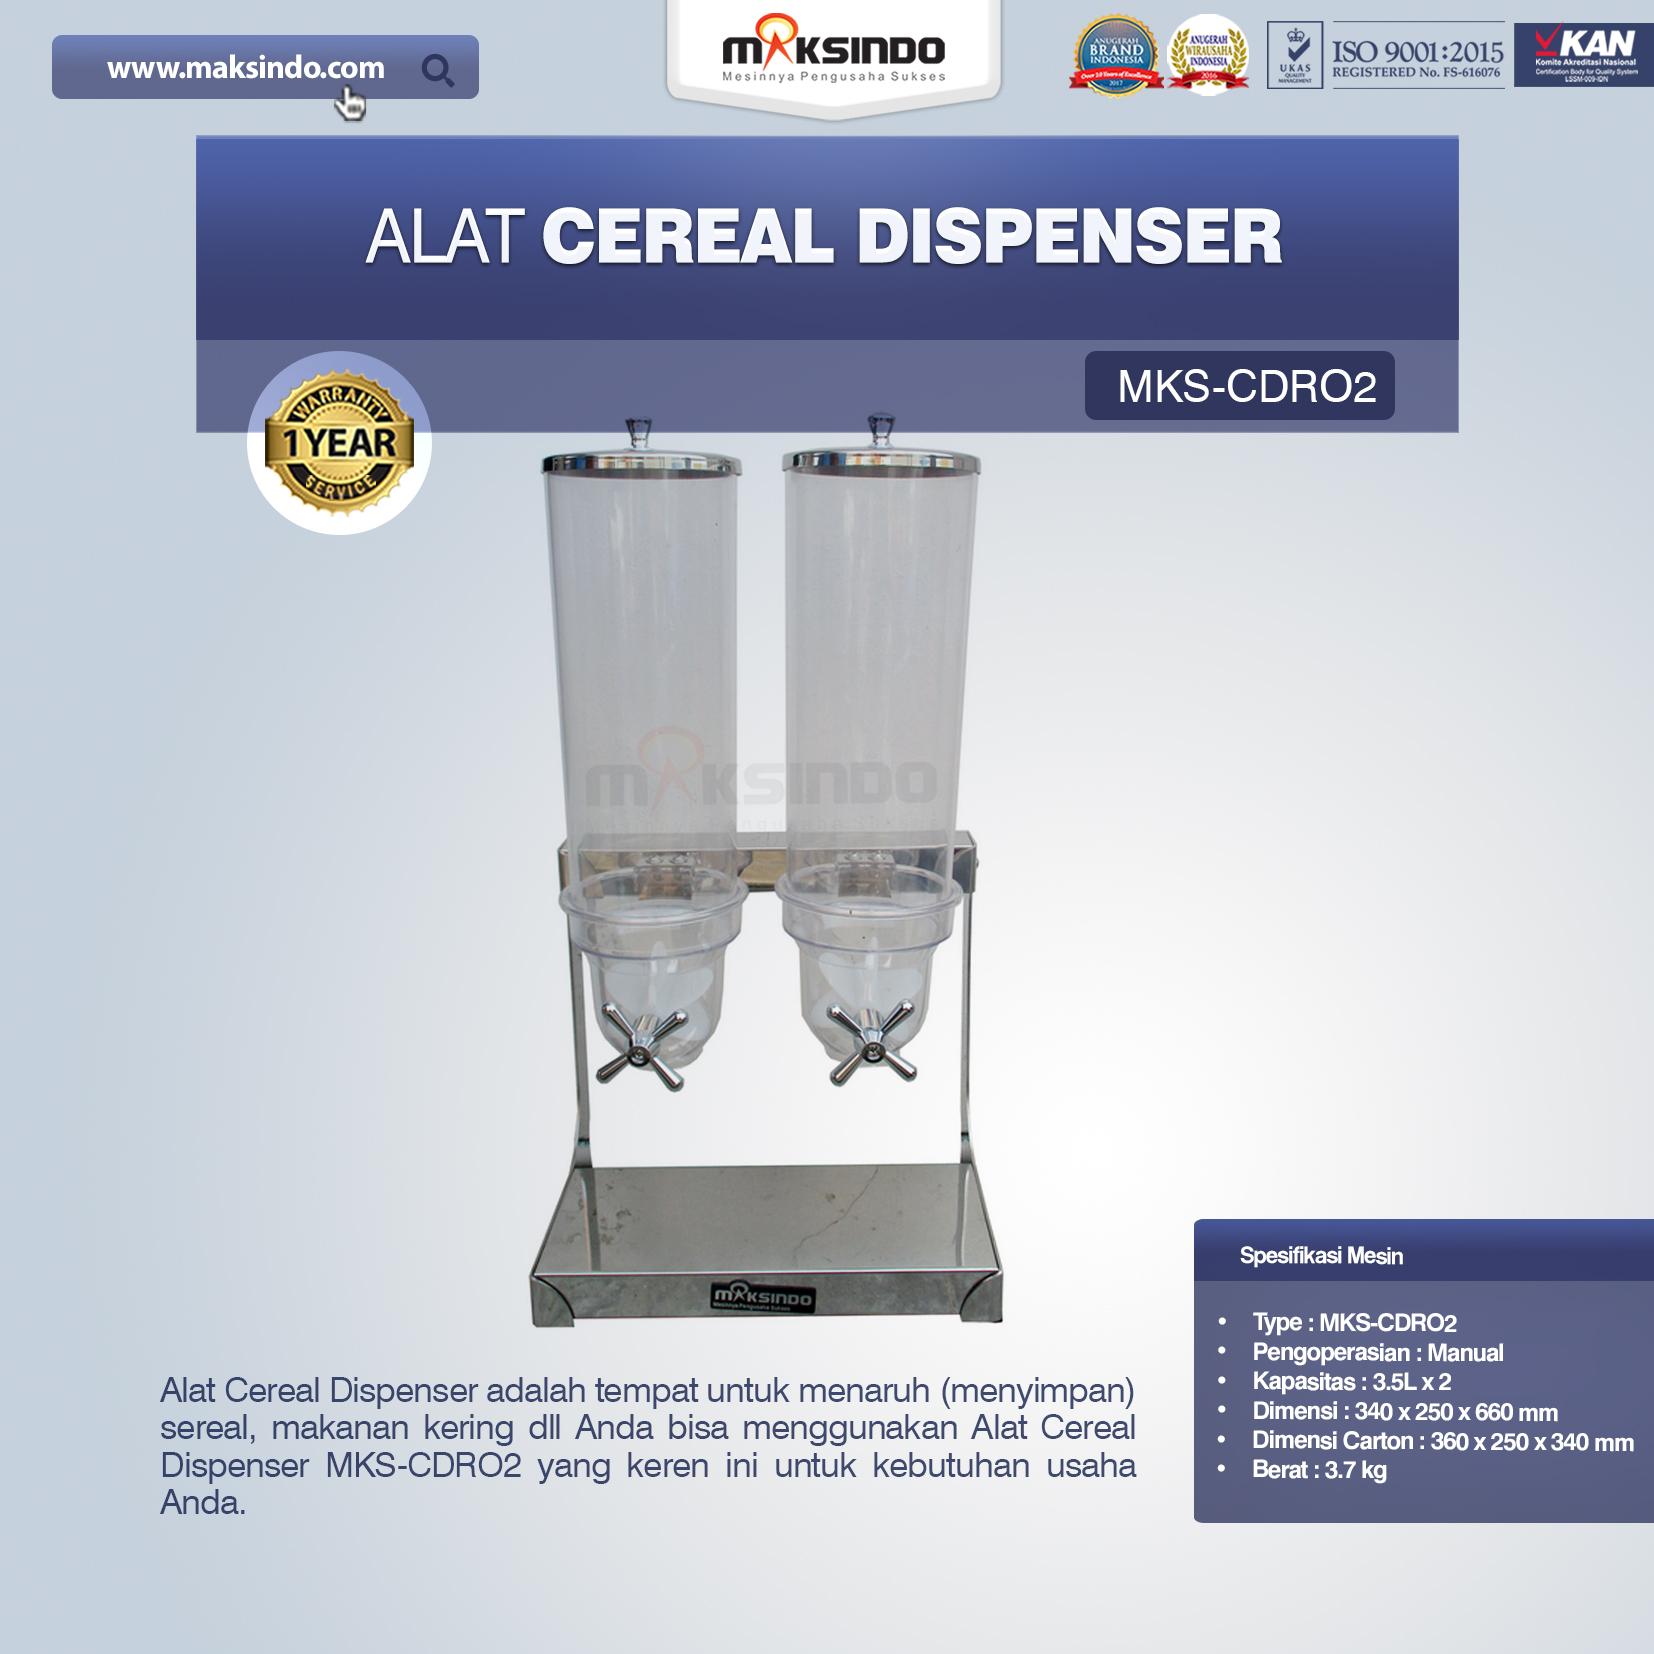 Jual Alat Cereal Dispenser MKS-CDR02 di Bekasi